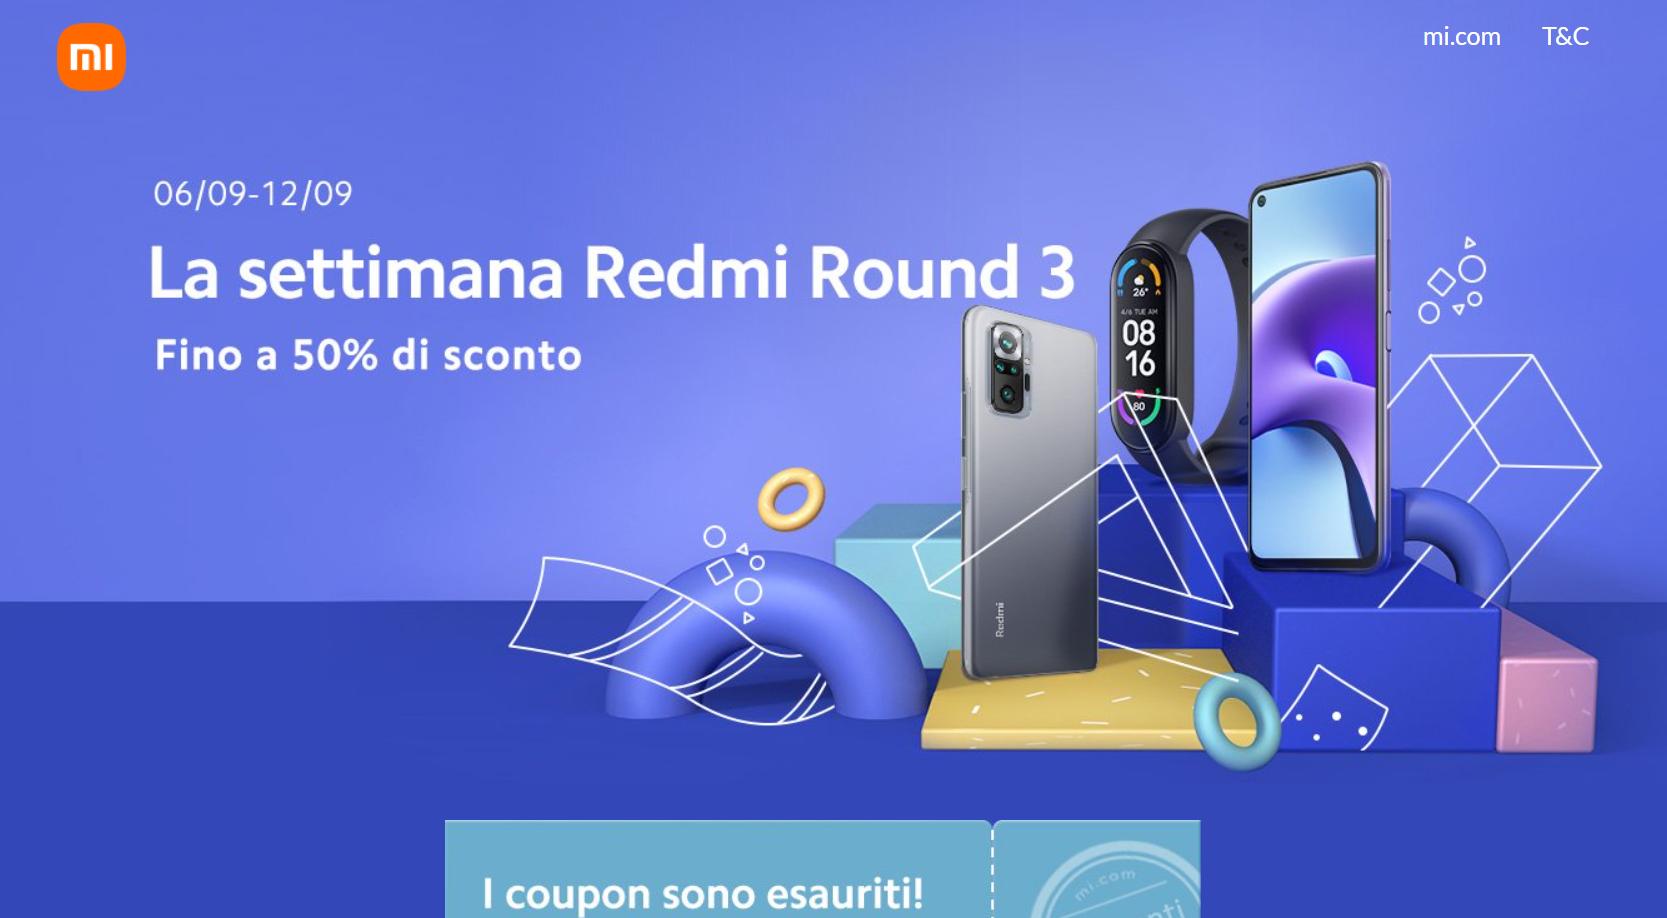 La settimana Redmi Round 3